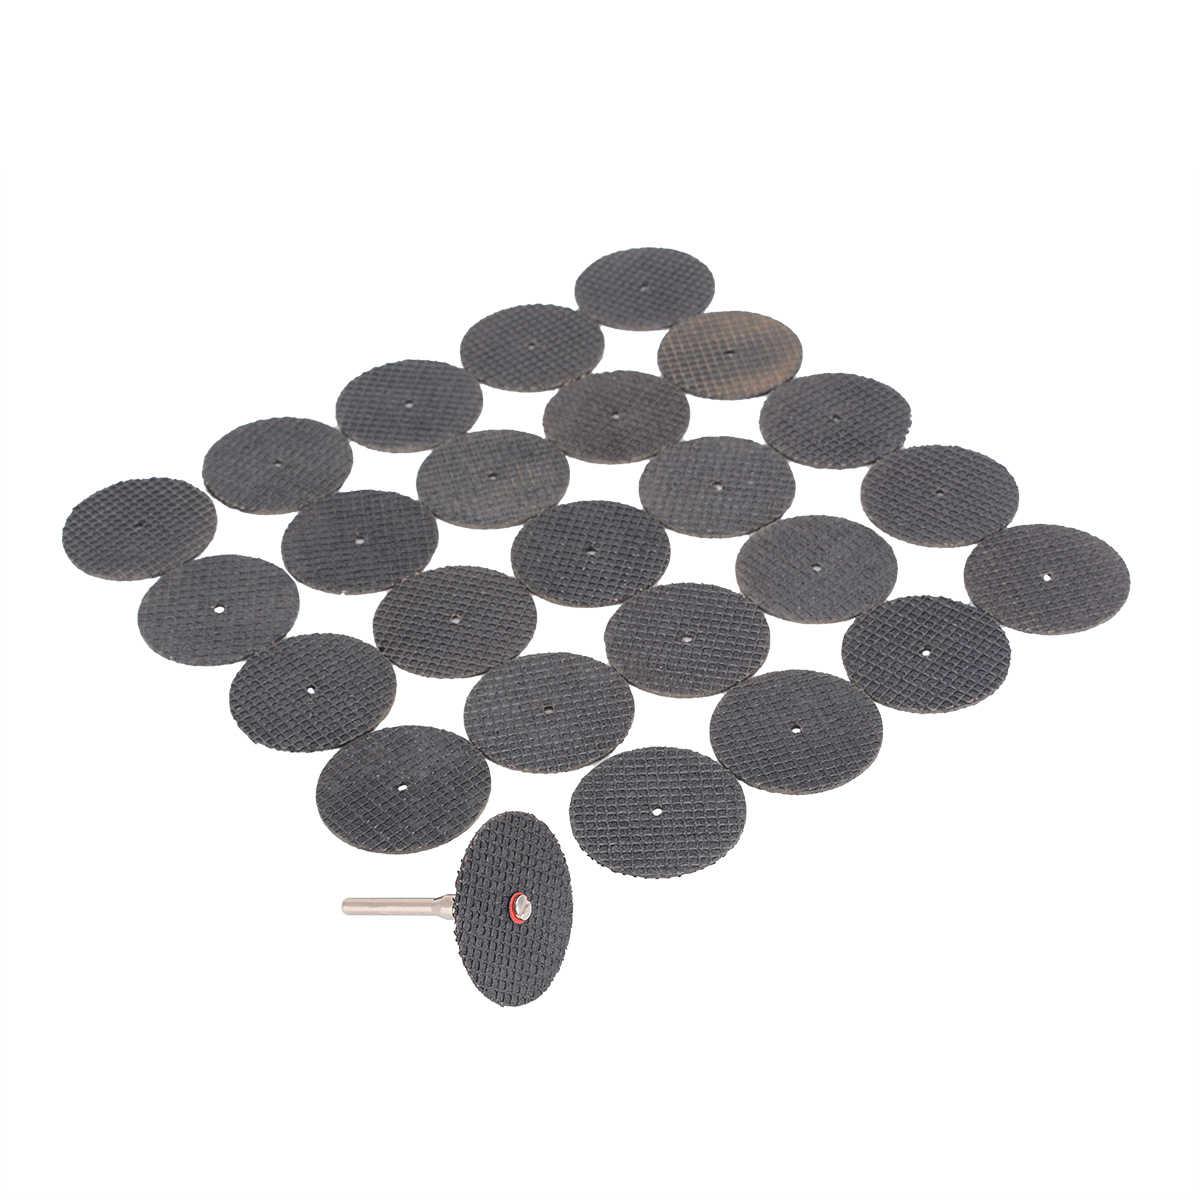 25 adet aşındırıcı reçine kesme tekerleği 32mm kesme diskleri seti Mandrel ile 37mm x 2mm mayitr döner aletler için